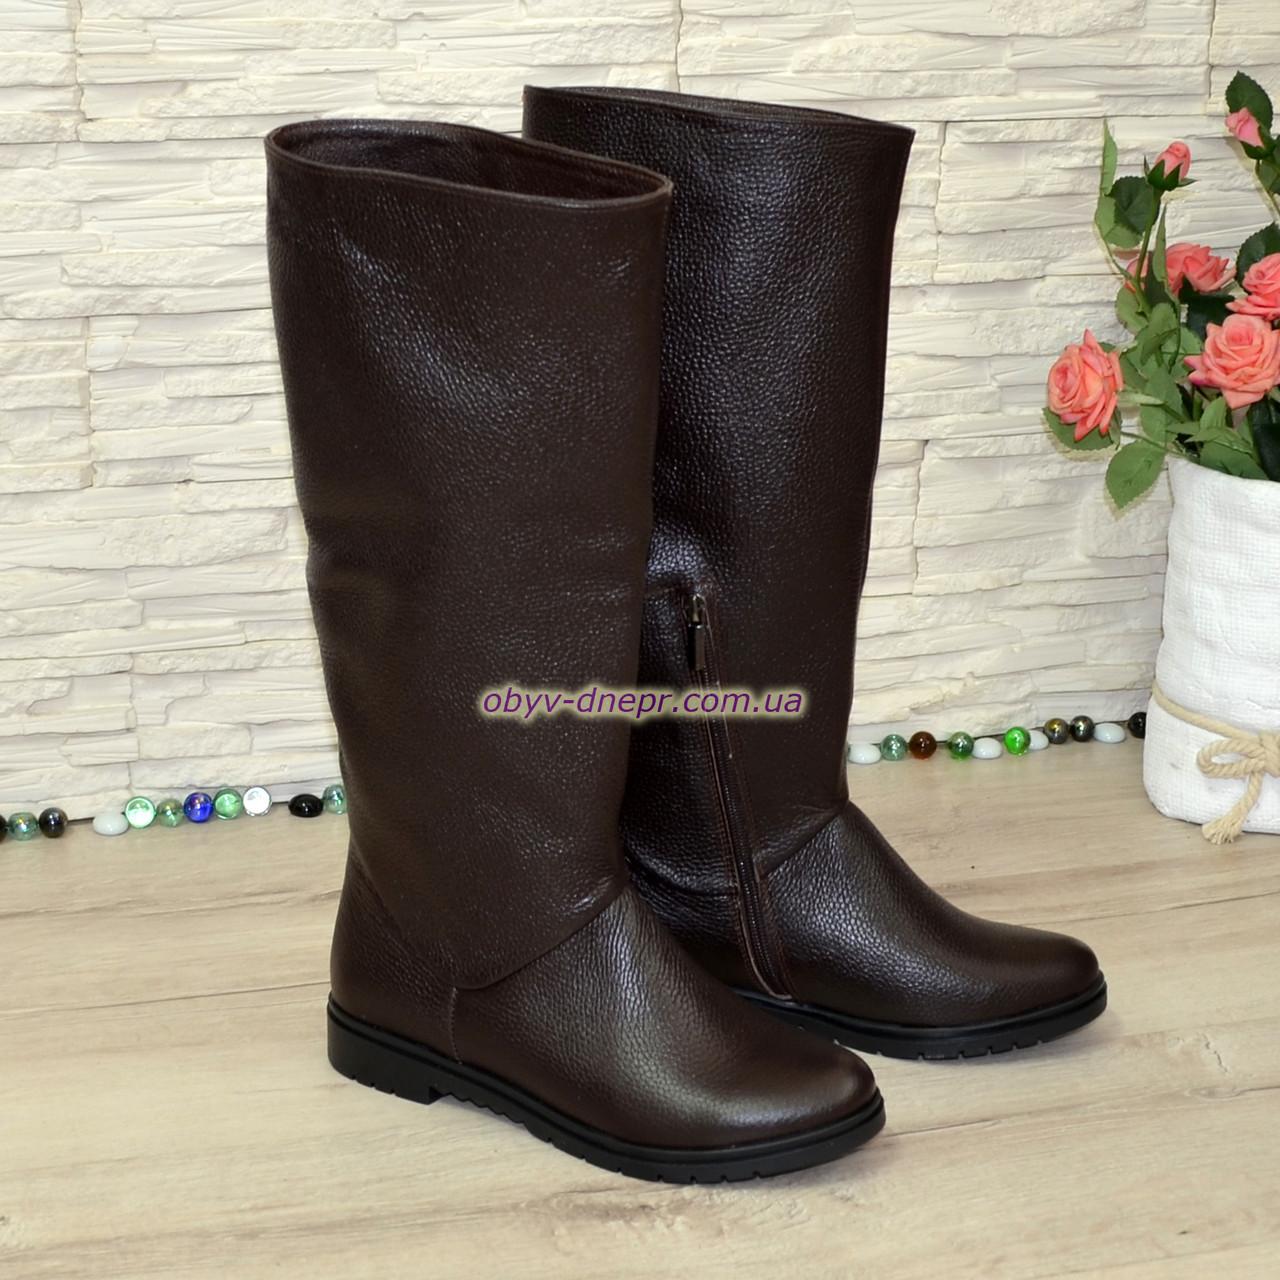 75a29650a Сапоги-трубы женские кожаные демисезонные коричневого цвета -  Интернет-магазин